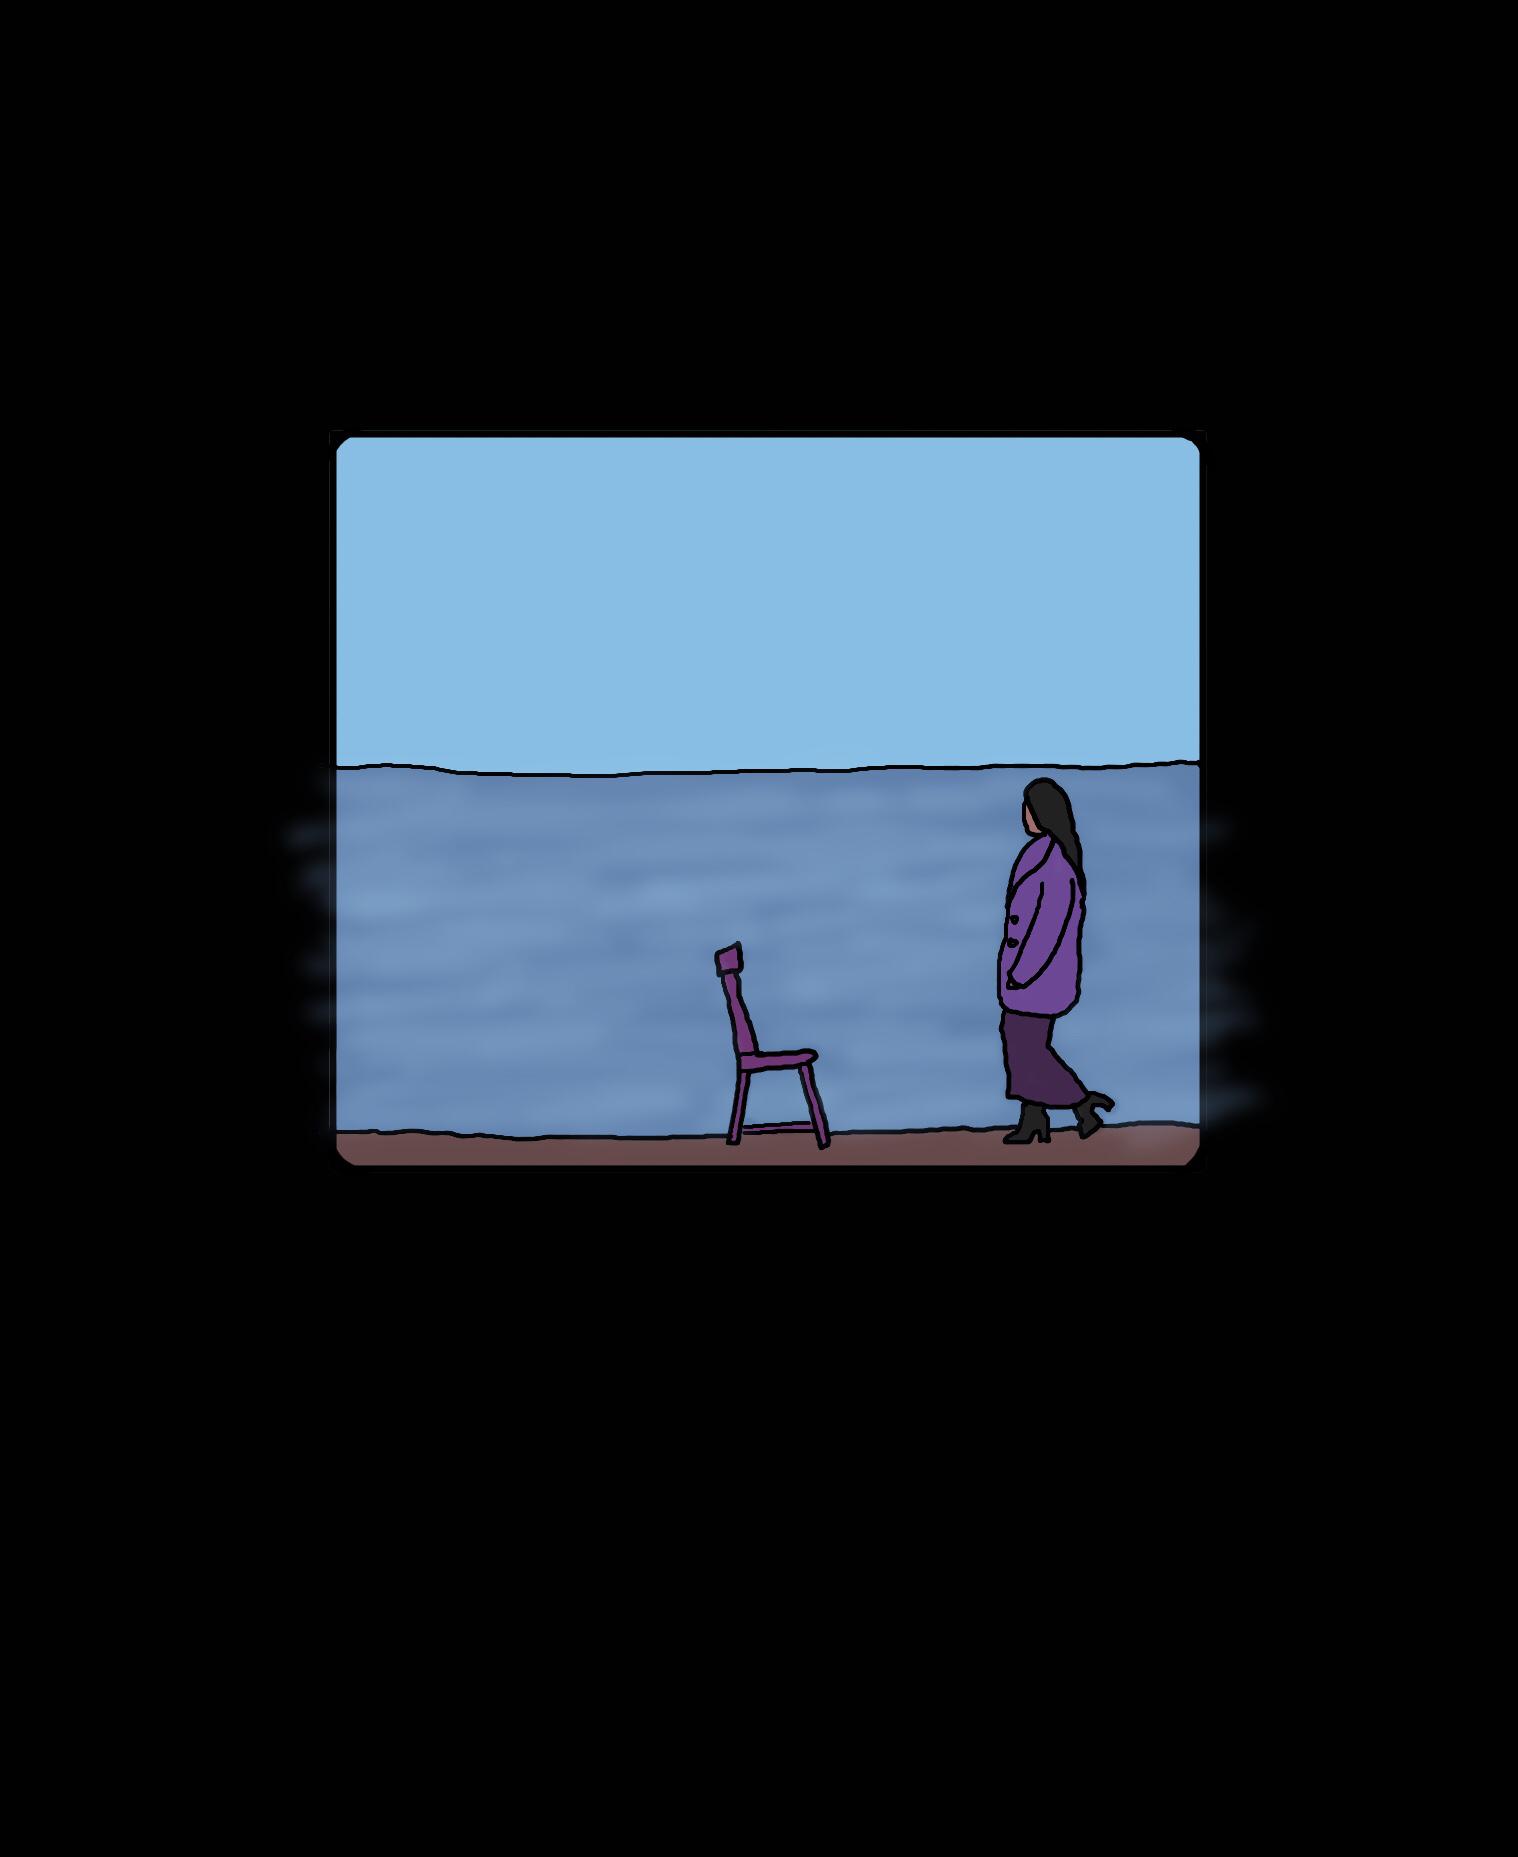 윤하: 종이비행기 - 들어봐 이곡